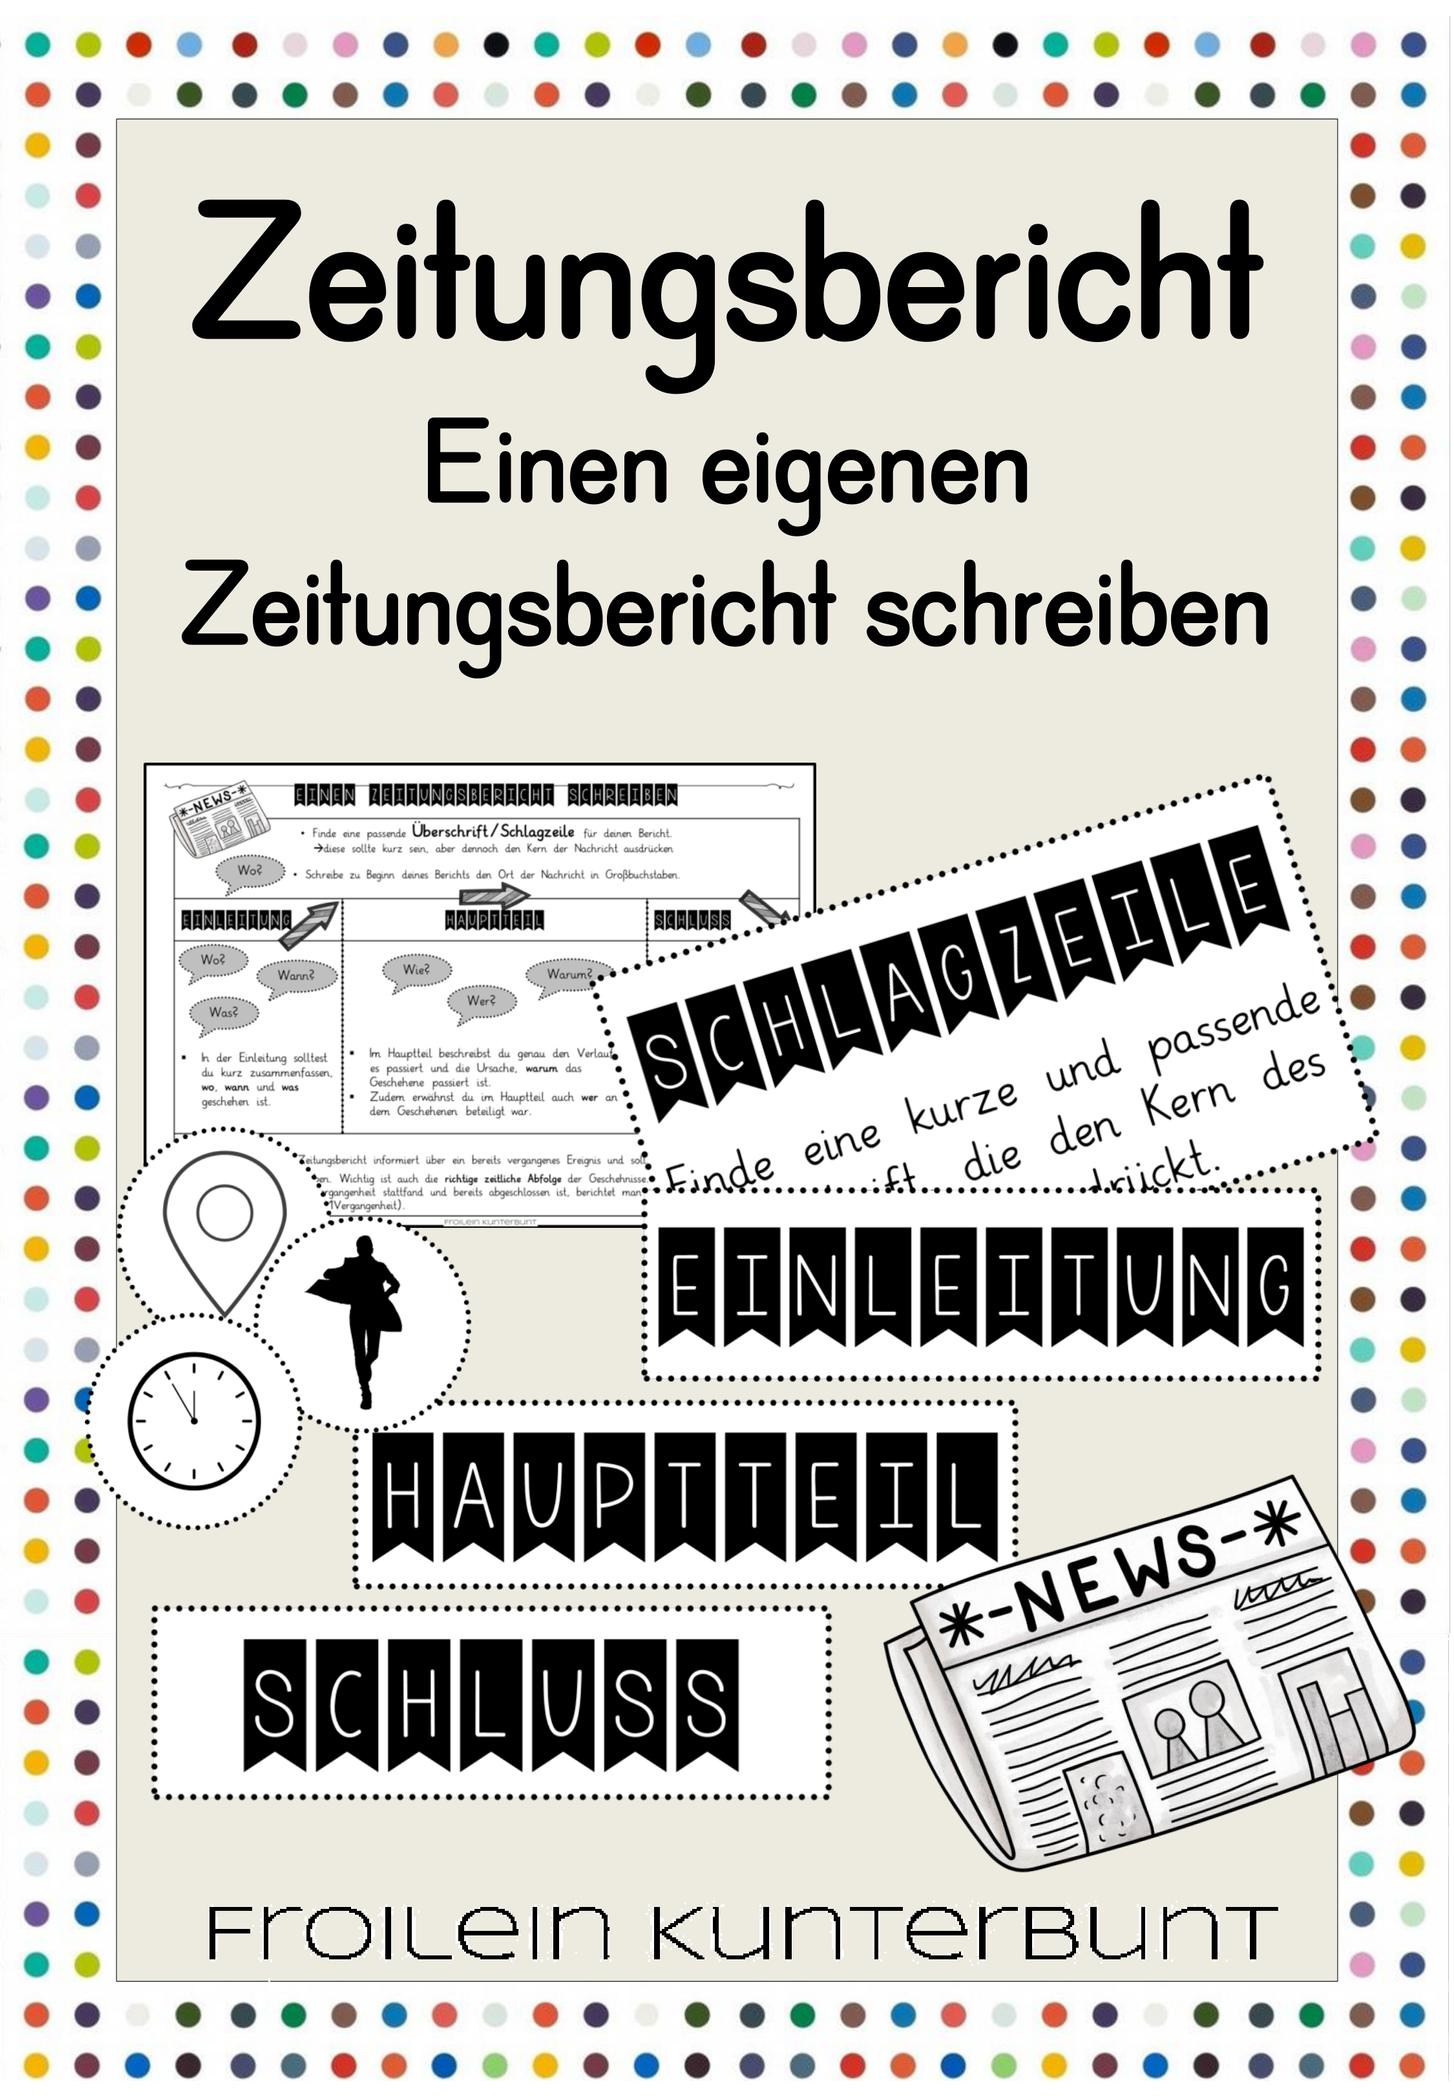 Zeitungsbericht Schreiben Unterrichtsmaterial Im Fach Deutsch Zeitungsbericht Zeitung Unterrichten